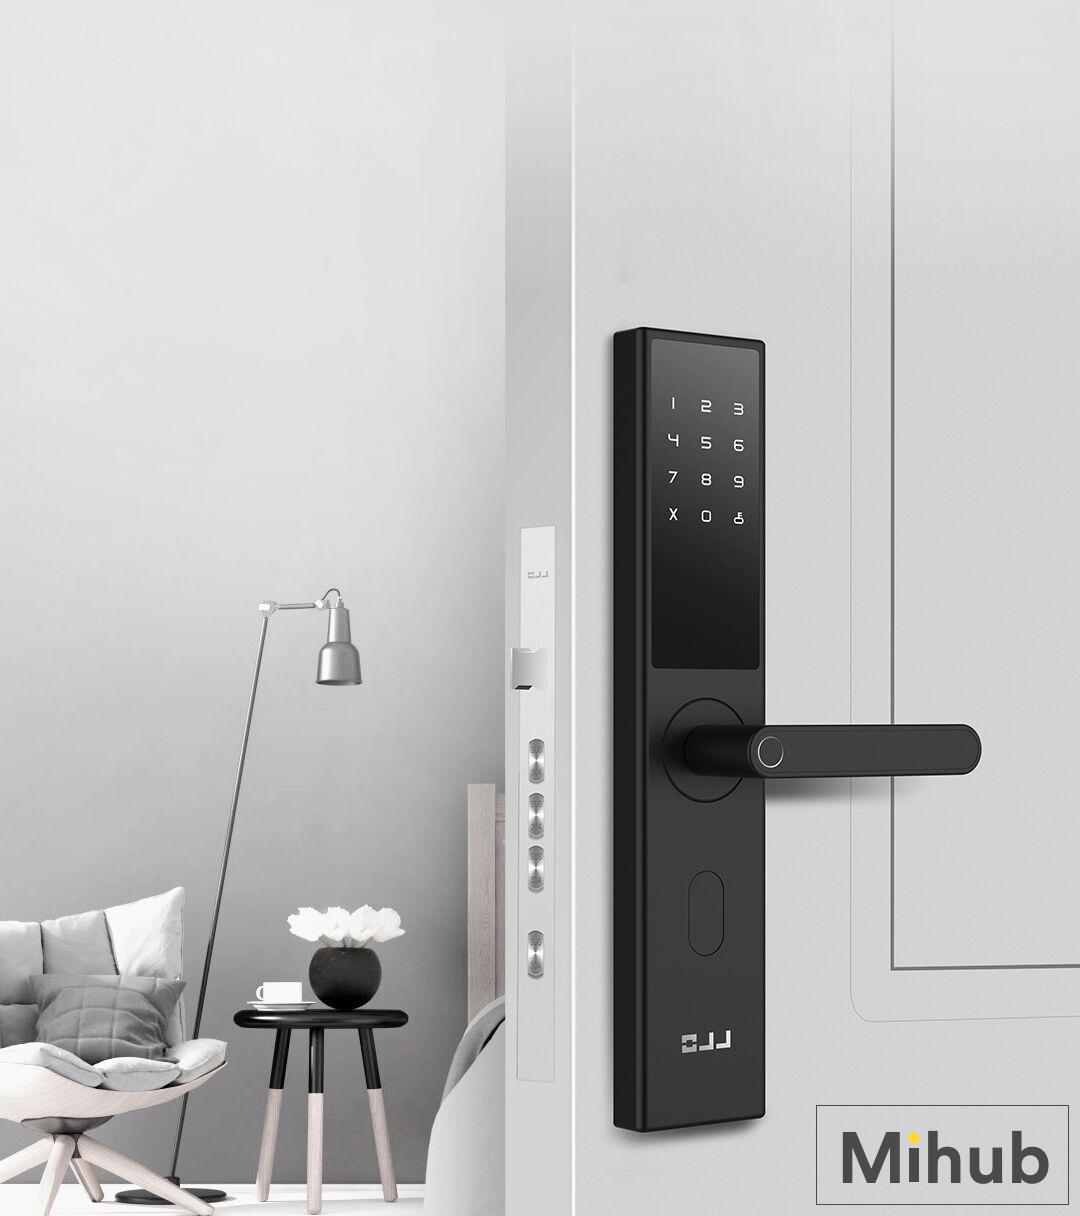 Summary of reviews of Xiaomi Youpin OJJ X1 door lock